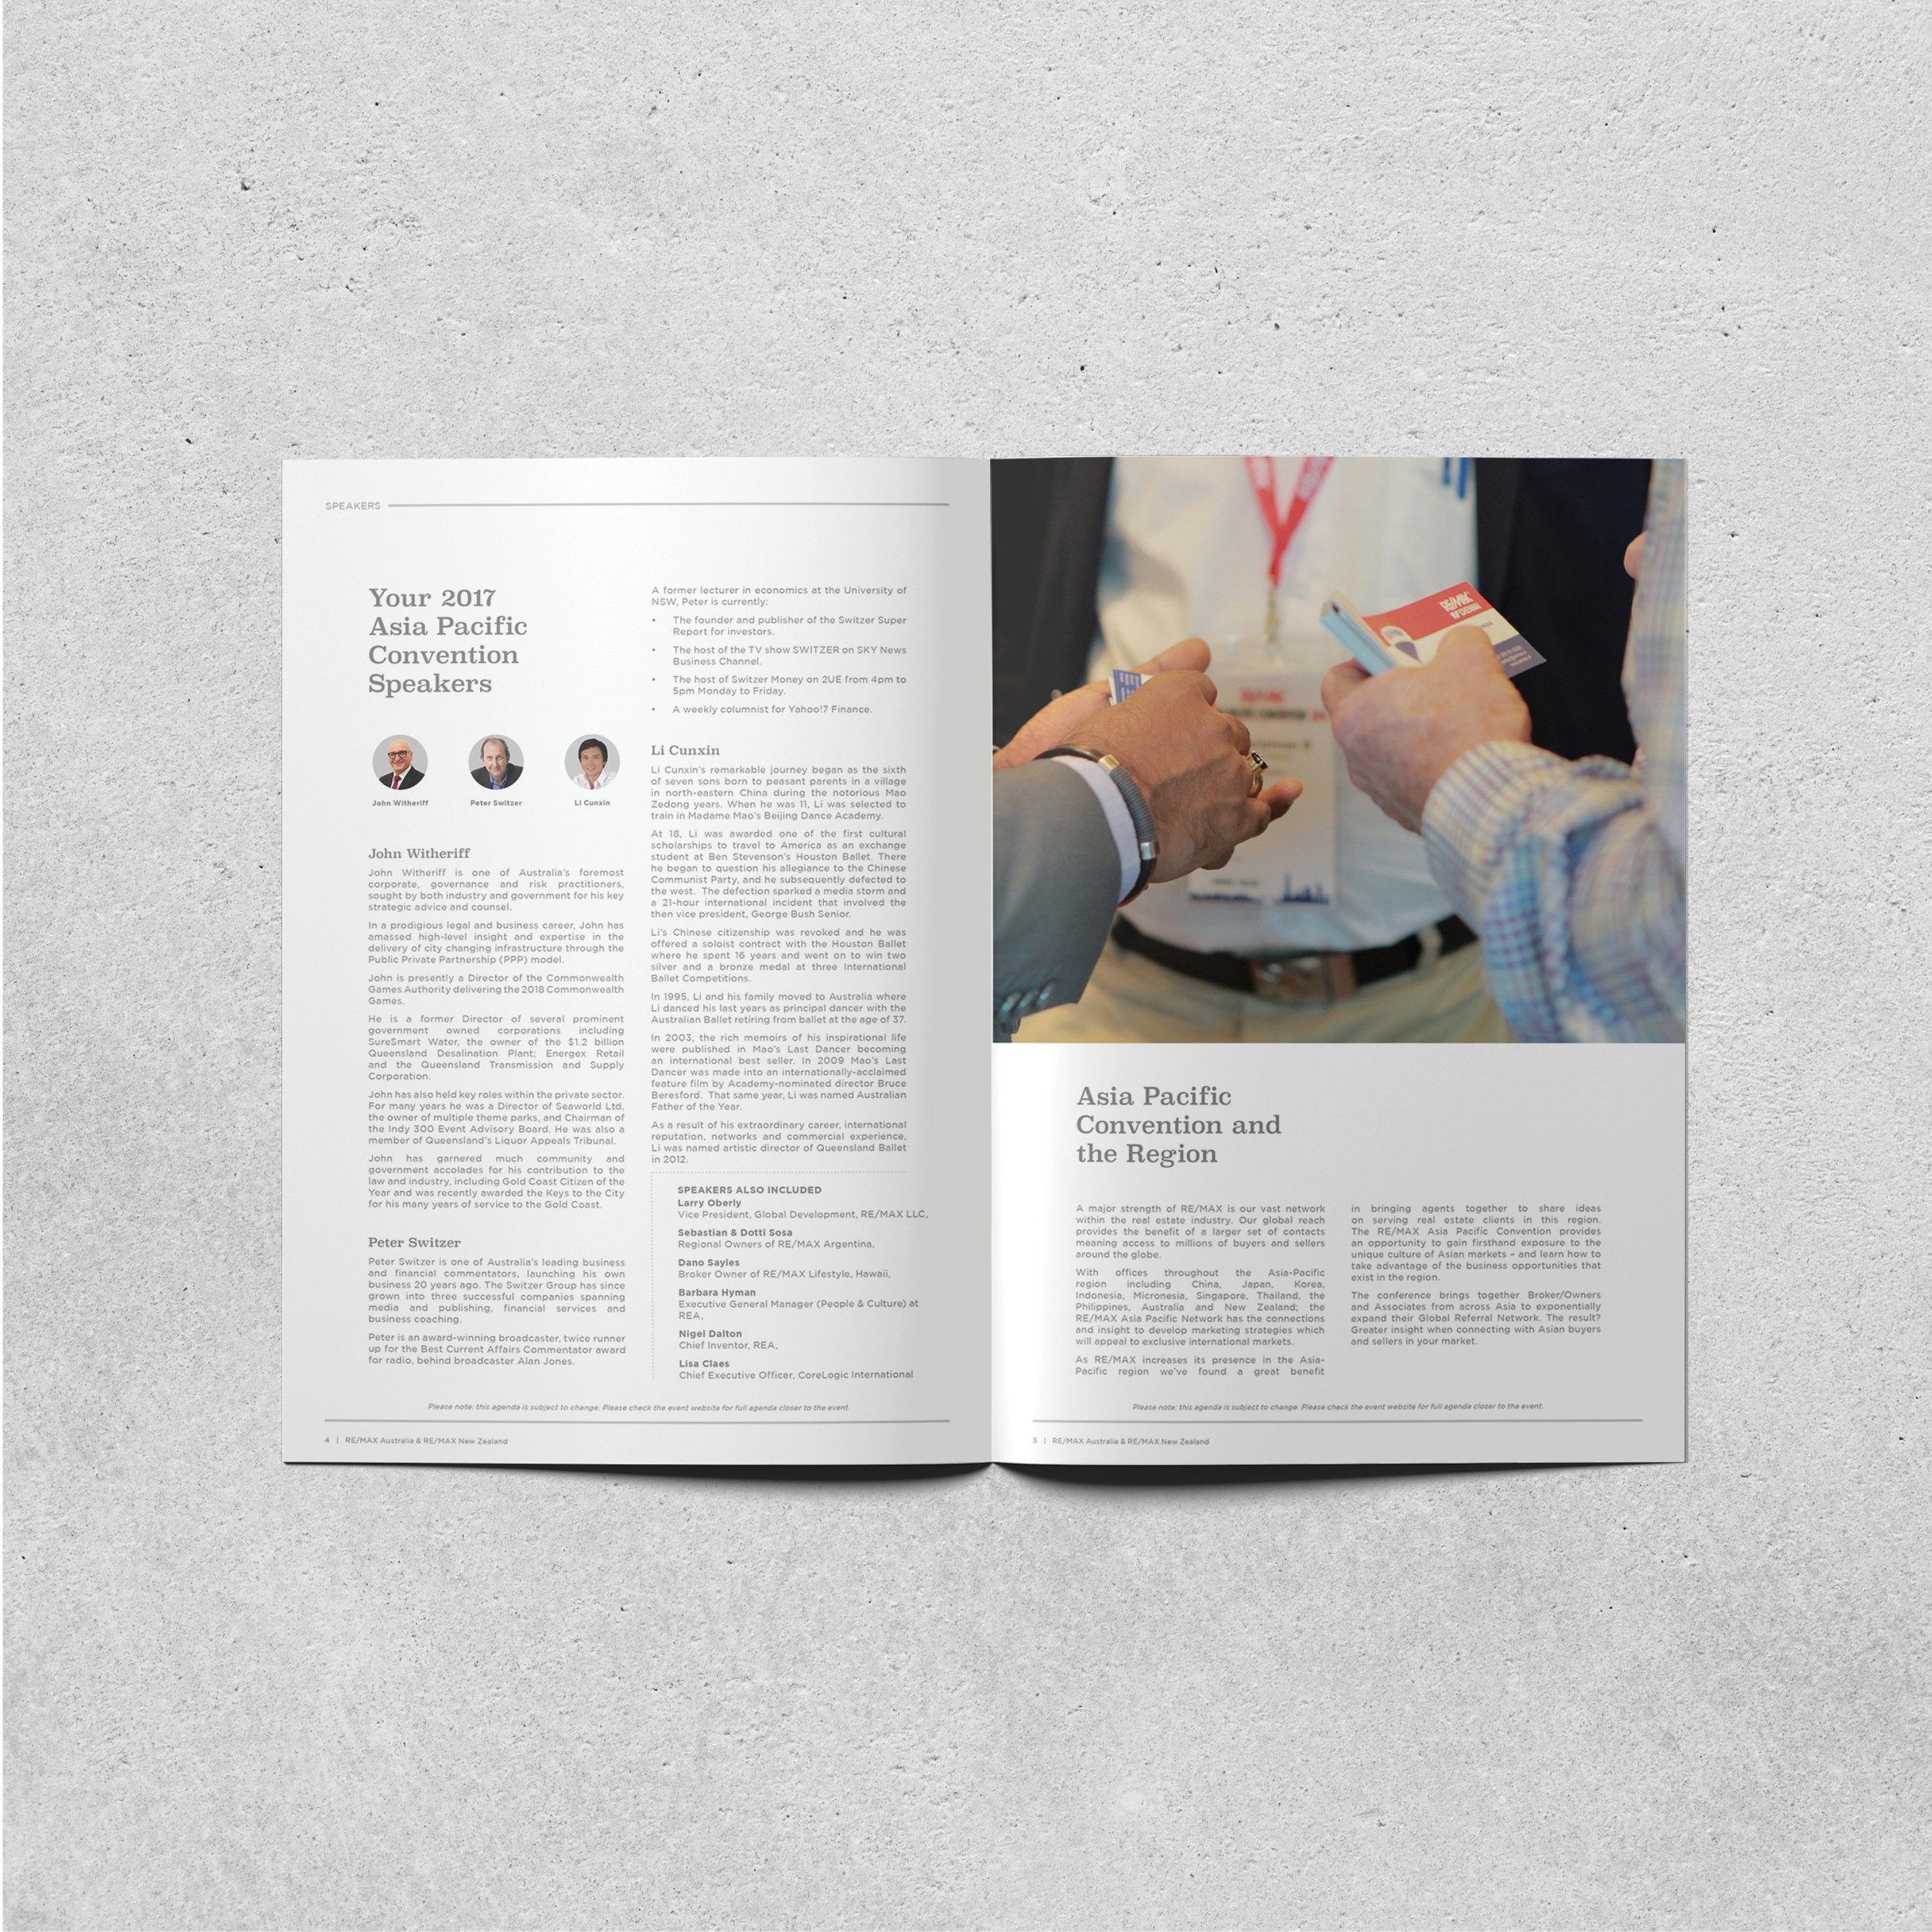 APCagenda-interiorpages2.jpg